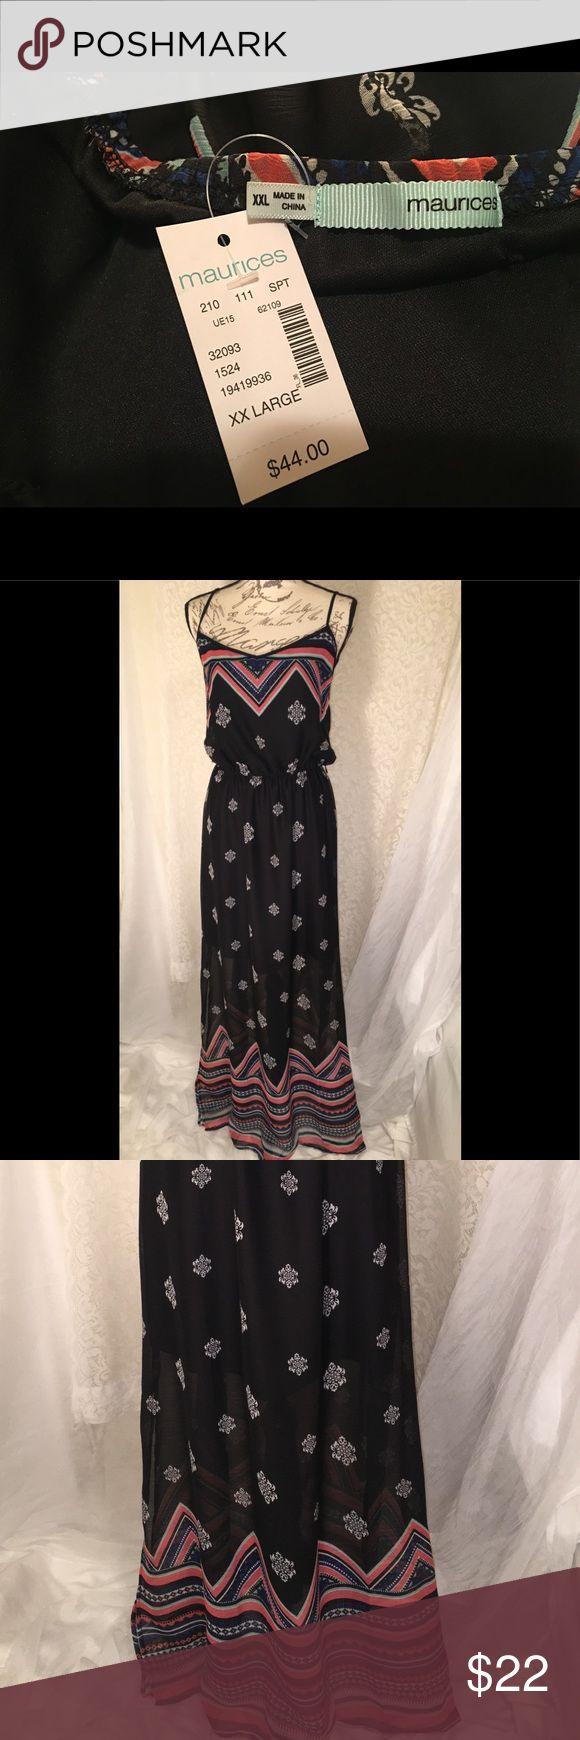 NWT Maurices maxi dress size XXL Gorgeous Maxi dress! NWT from Maurices Maurices Dresses Maxi